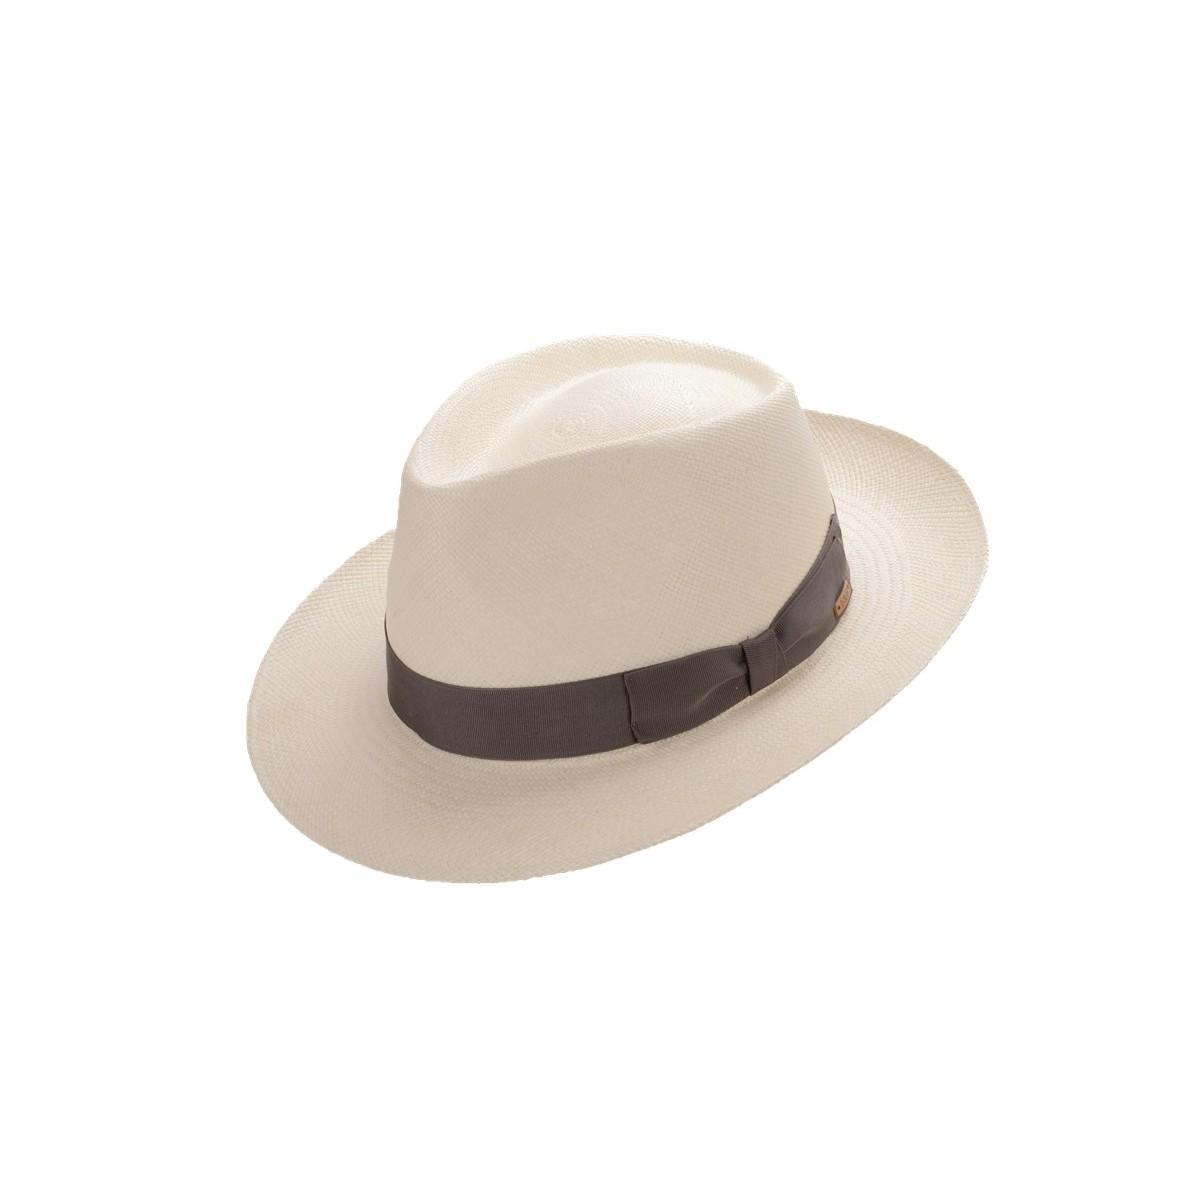 Amaru sombrero de hombre panamá copa fedora color blanco y cinta gris. Fernádez y ROCHE